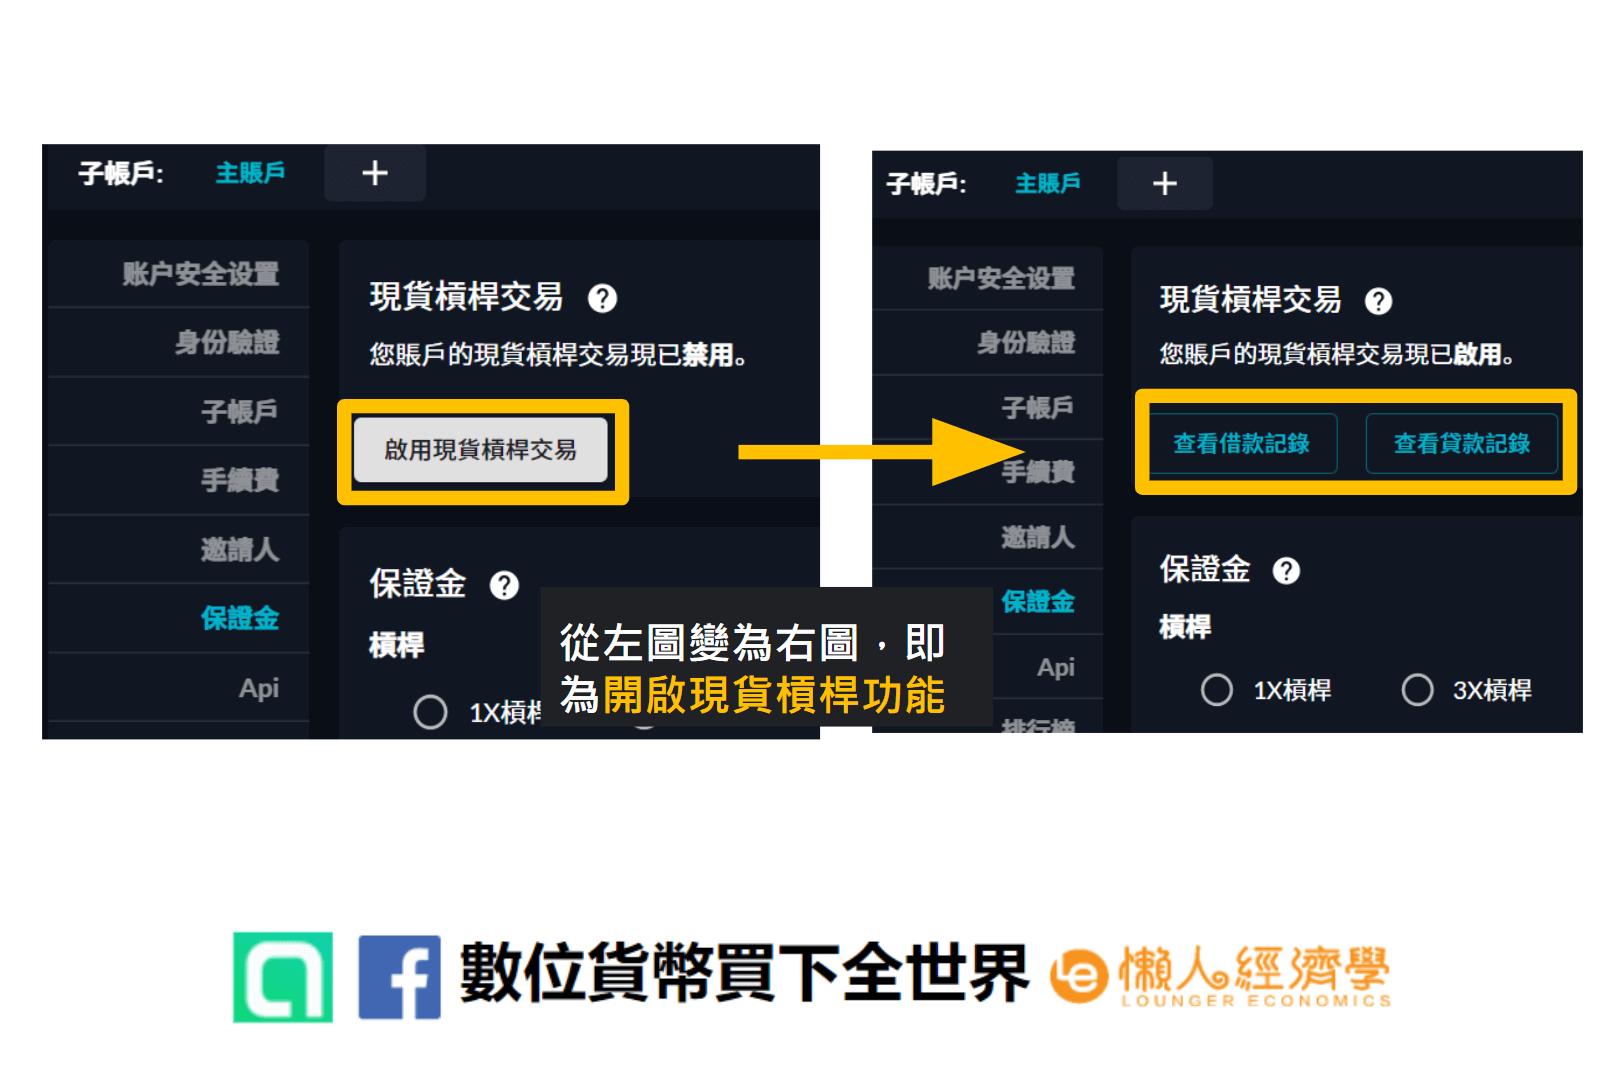 FTX現貨槓桿教學 右圖為開啟現貨槓桿功能的示意圖